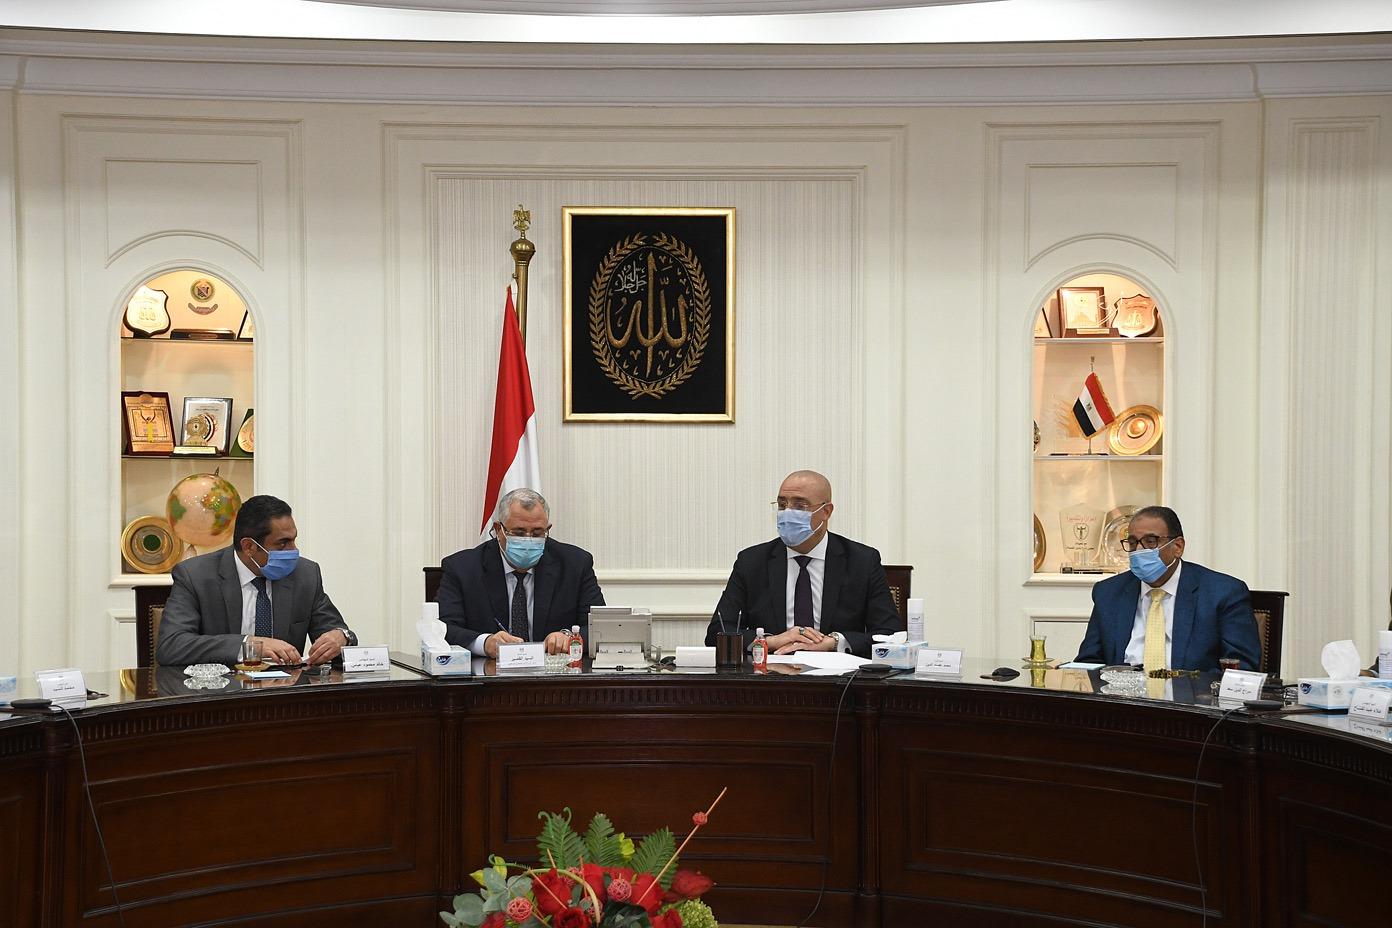 صور   وزير الإسكان يترأس اجتماع لجنة تنسيق ولاية الأراضى داخل الدولة